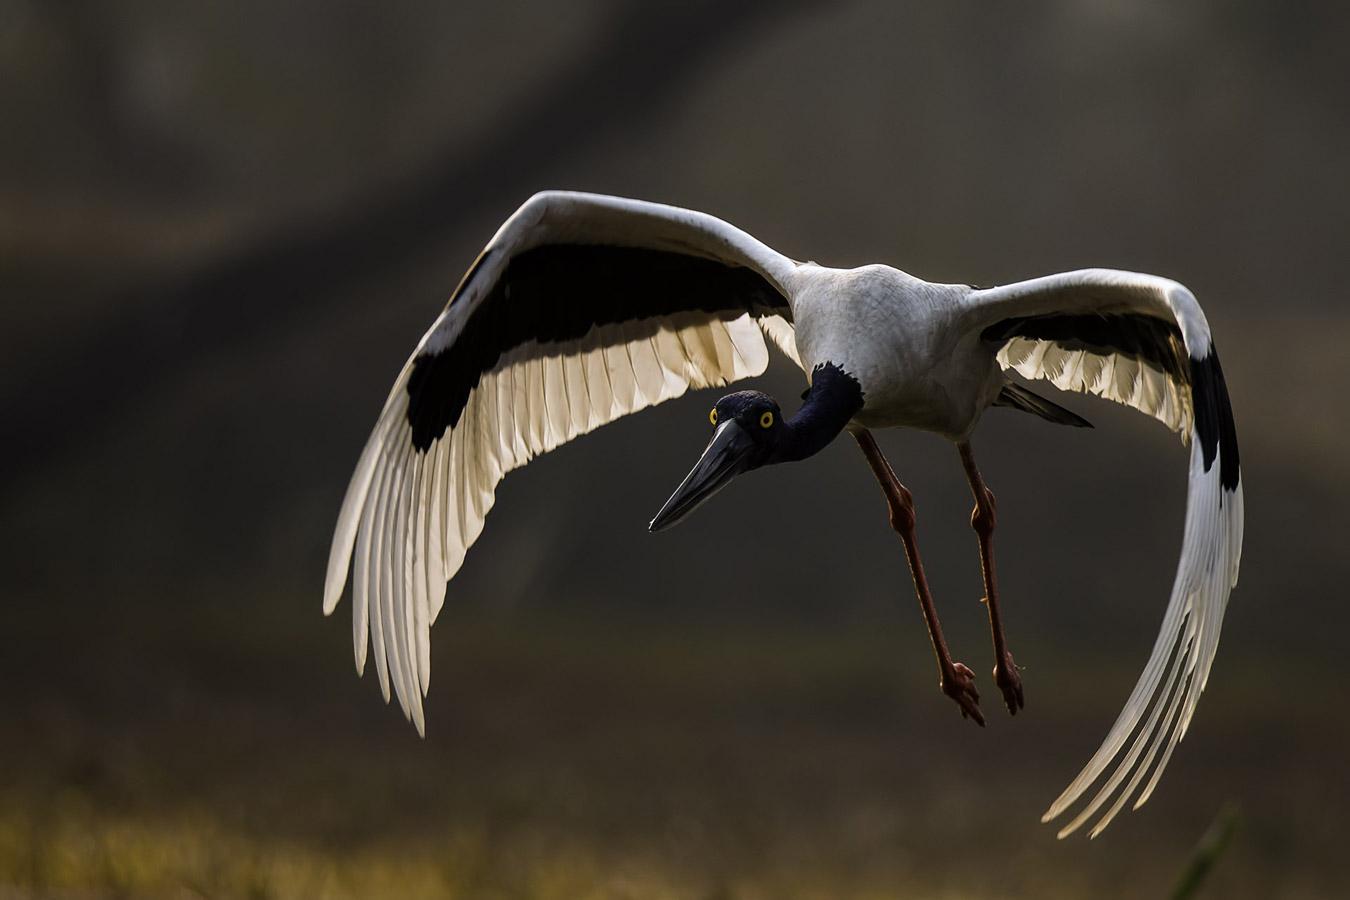 Индранил Басу Маллик / Indranil Basu Mallick, Пуна, Индия, Почётная оценка в категории «Птицы», Фотоконкурс «Лучшая природная фотография Азии» — Nature's Best Photography Asia